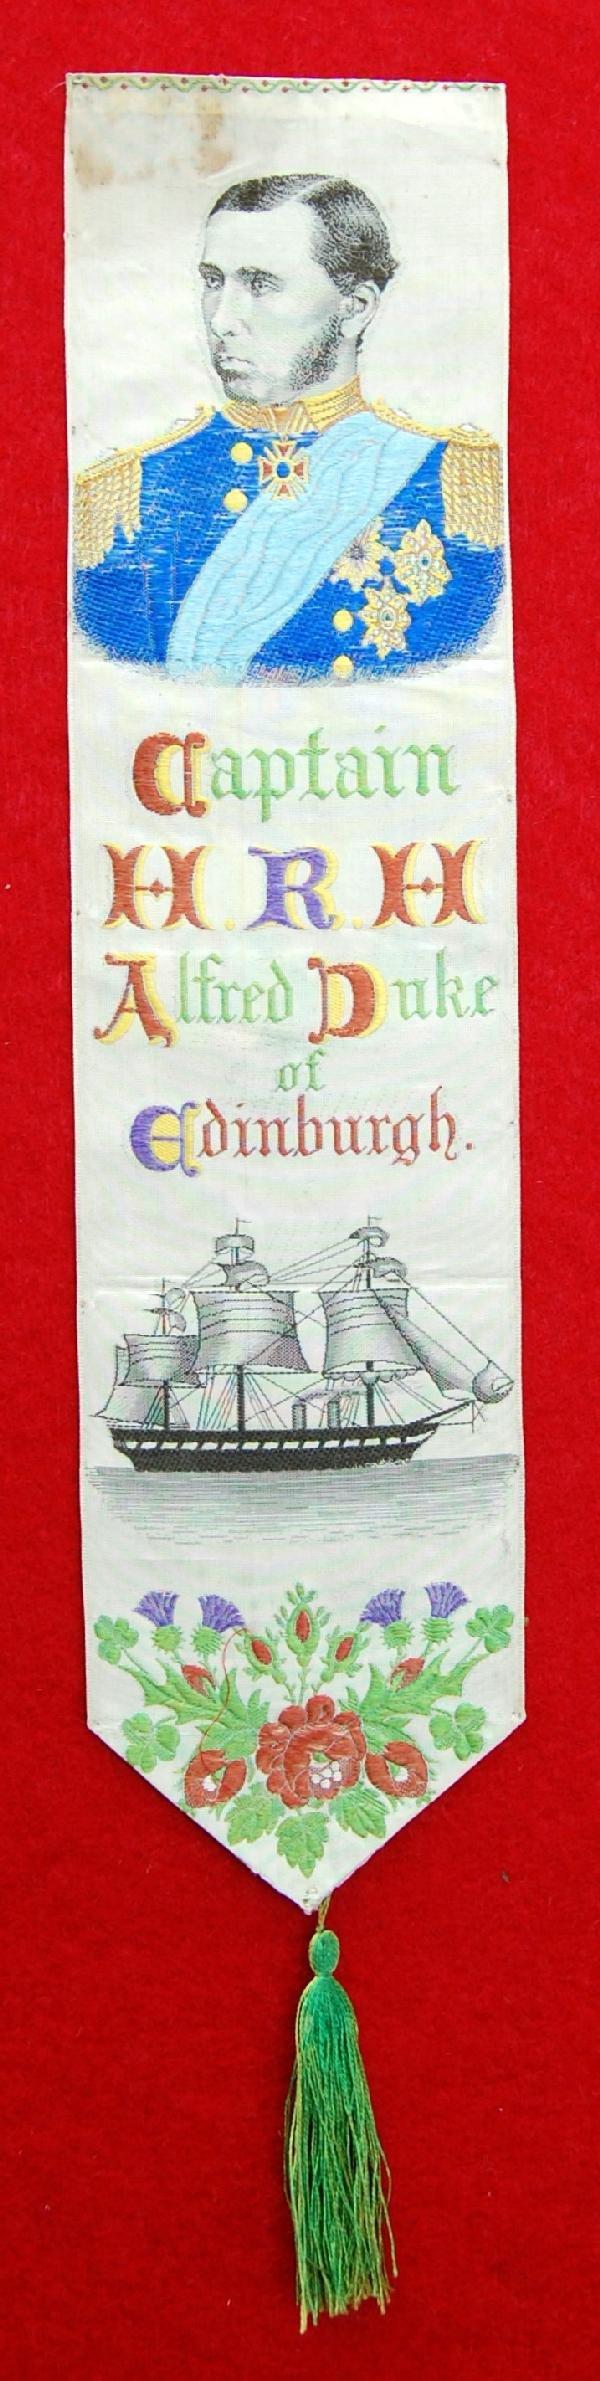 123: Stevengraph-Capt. H.R.H. Alfred Duke of Edinburgh